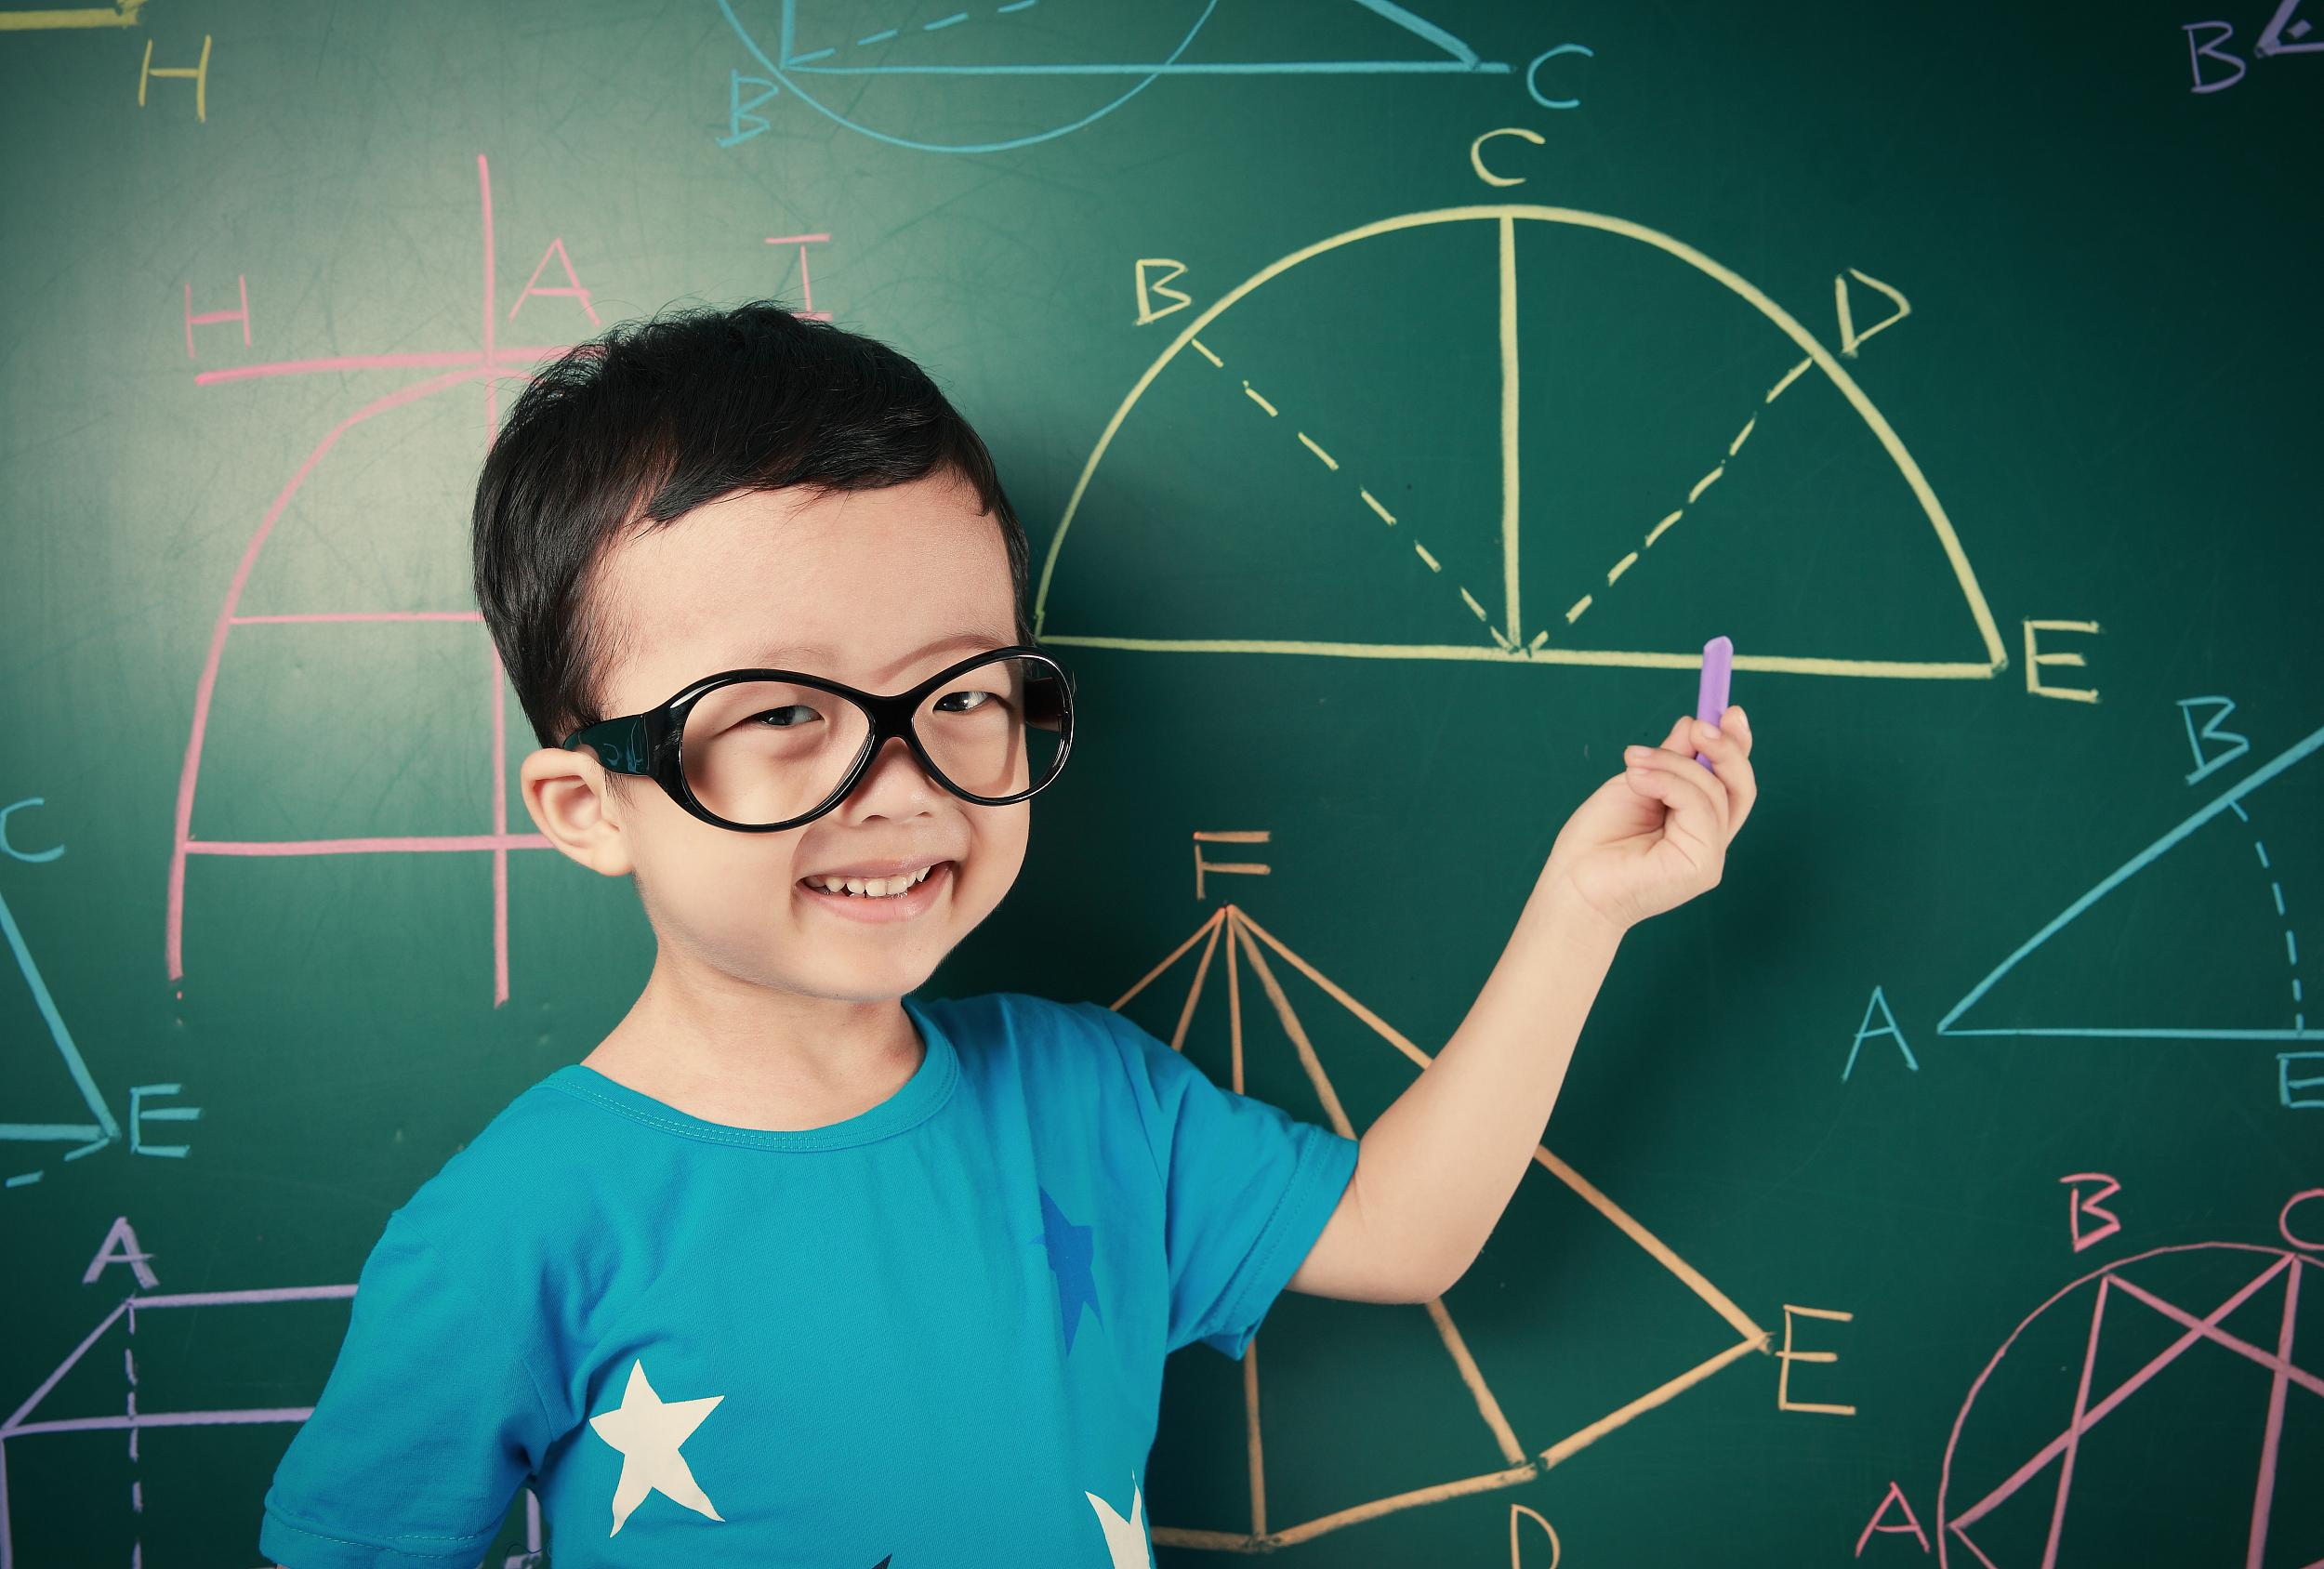 豆神教育旗下纳约数学课程涉超纲,从暑假开始将不再开设